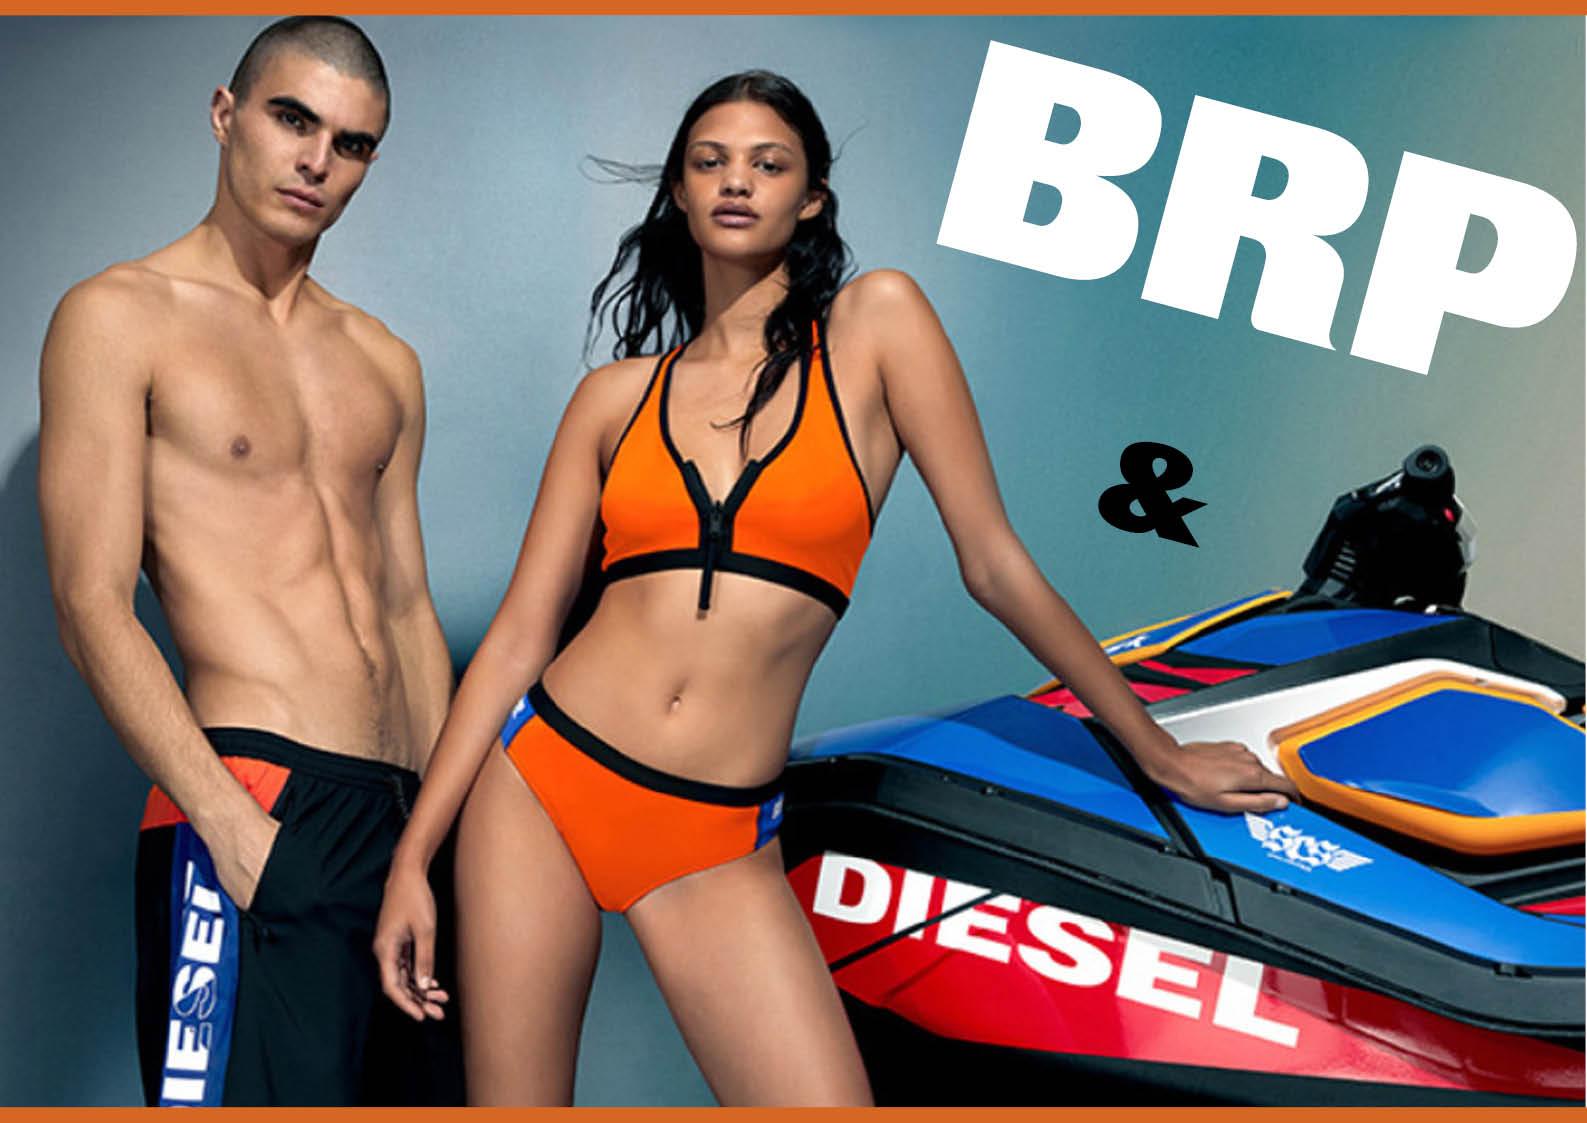 シードゥ(SEA-DOO)と、ファッションブランド「ディーゼル」がコラボ ビーチウエアが登場! ジェットスキー(水上バイク)